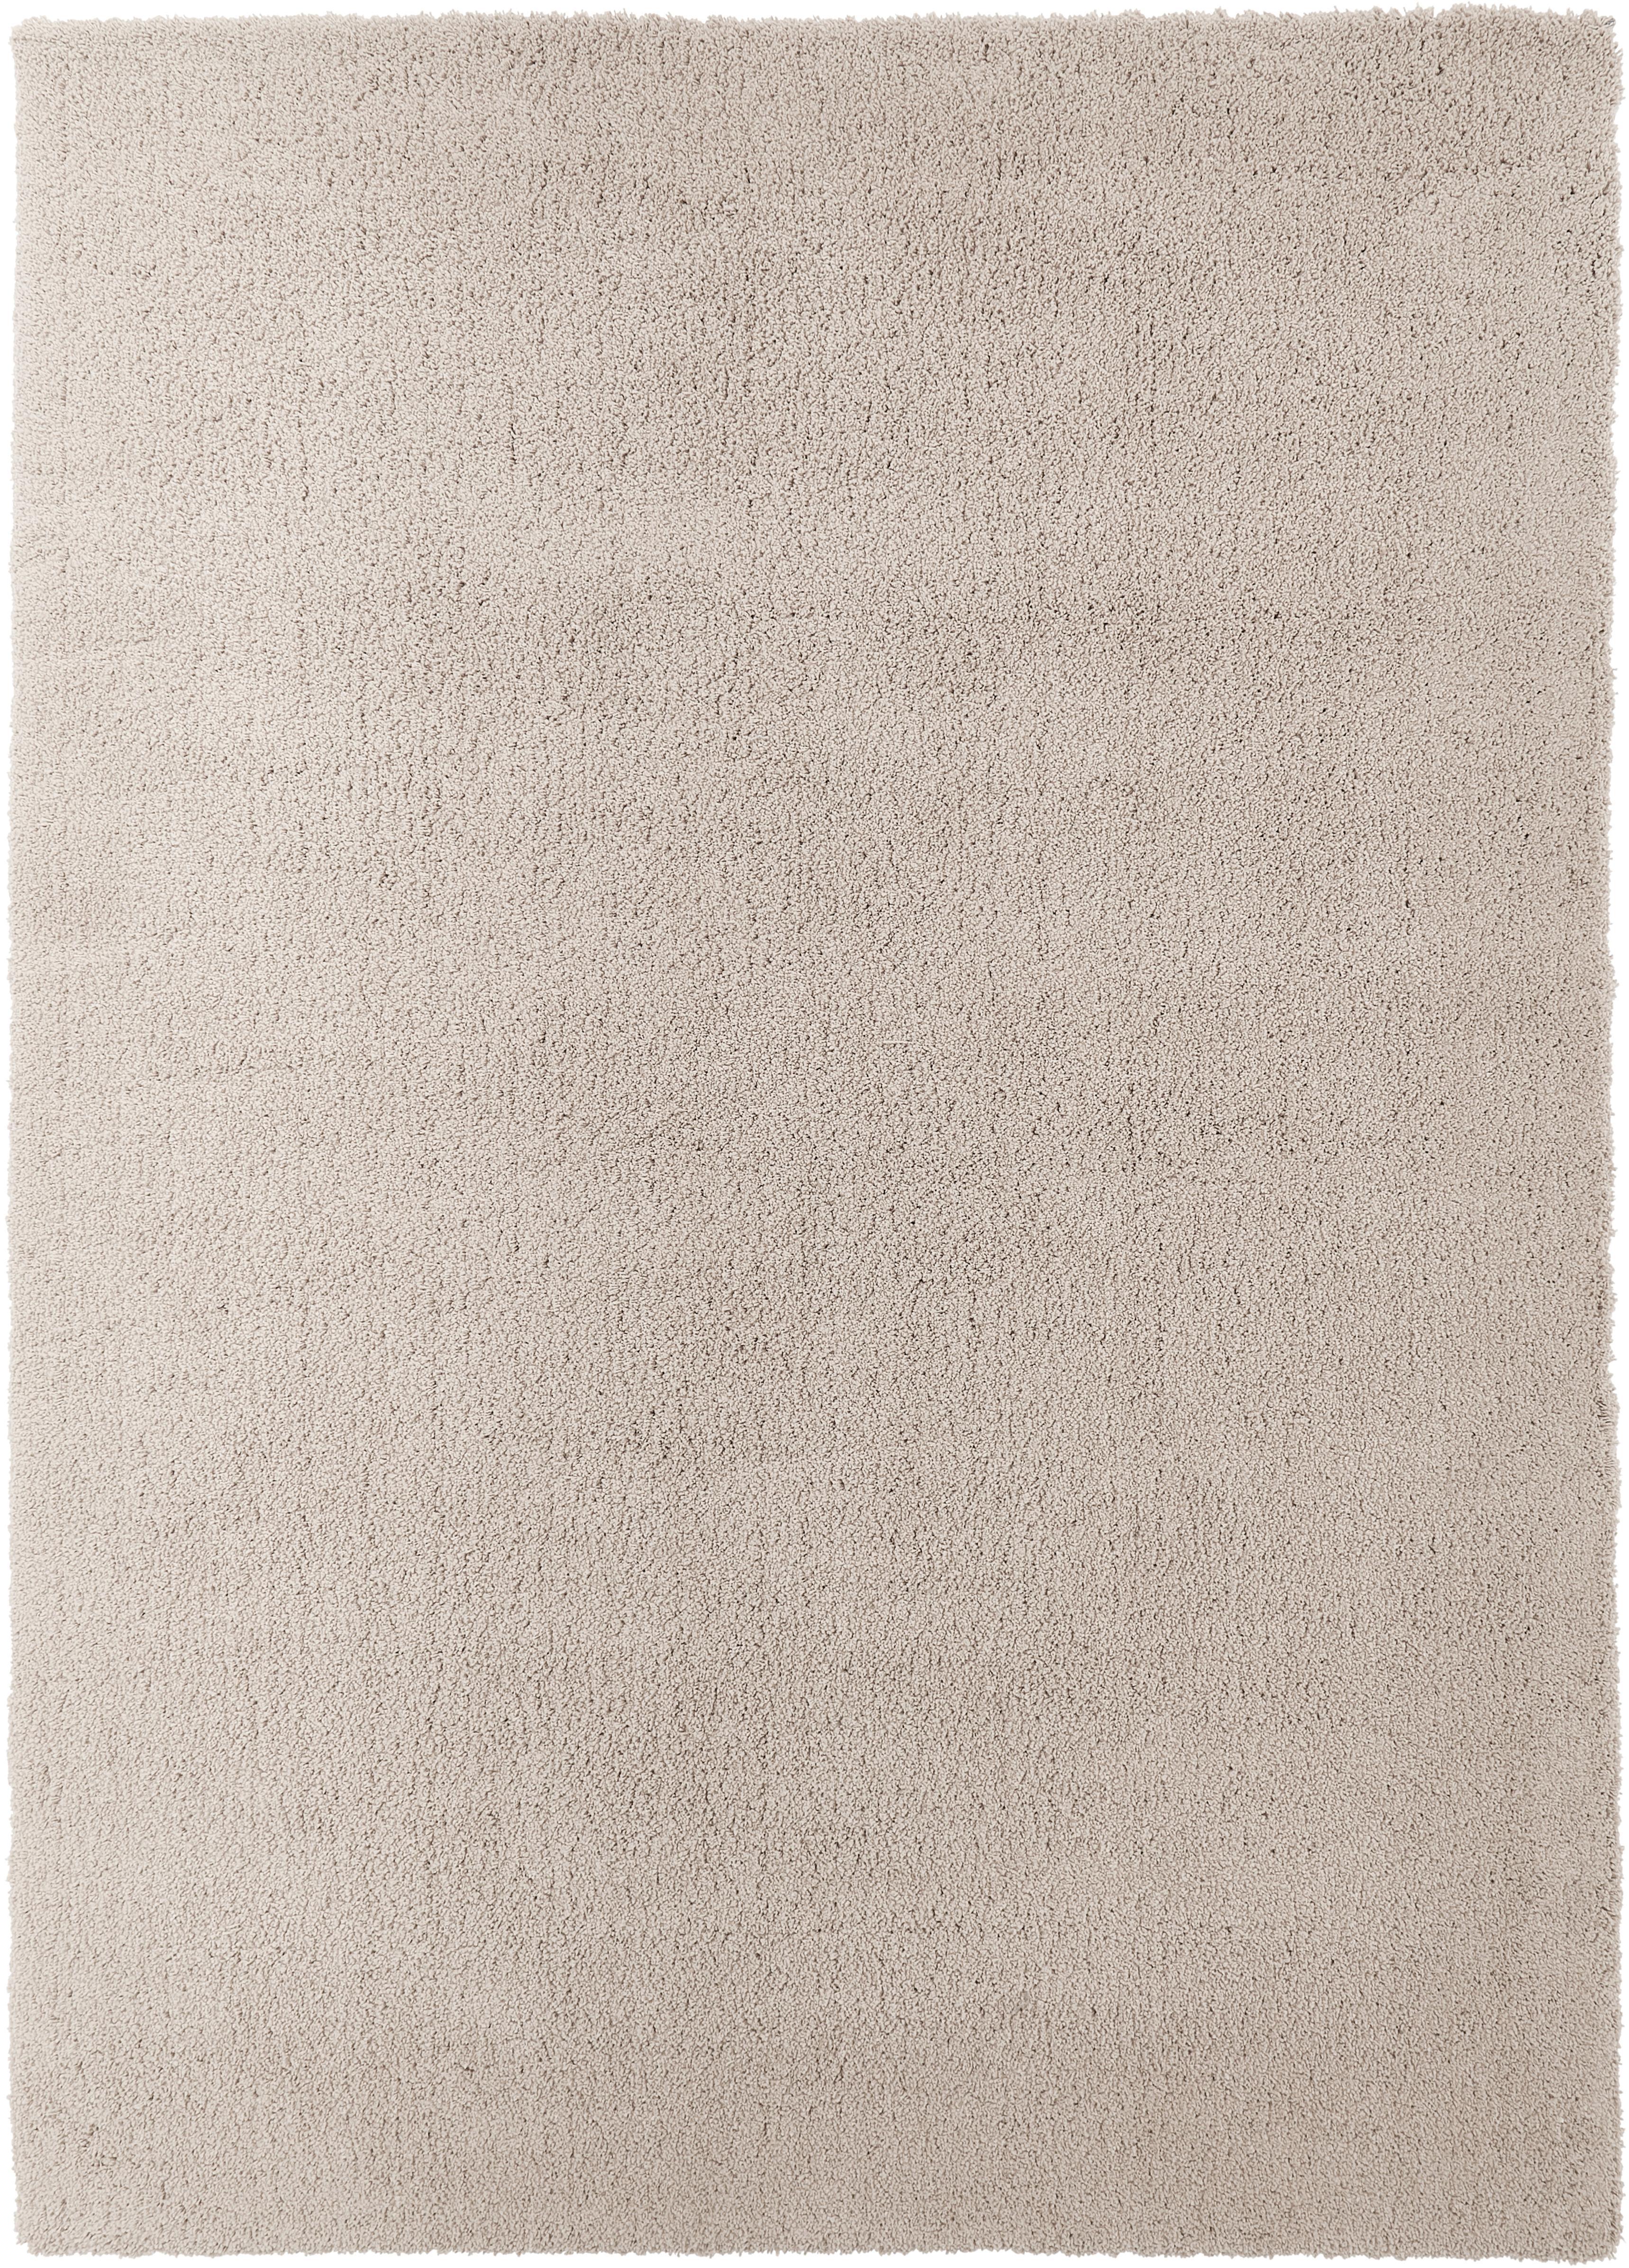 Tappeto peloso morbido beige Leighton, Retro: 70% poliestere, 30% coton, Beige-marrone, Larg. 120 x Lung. 180 cm (taglia S)